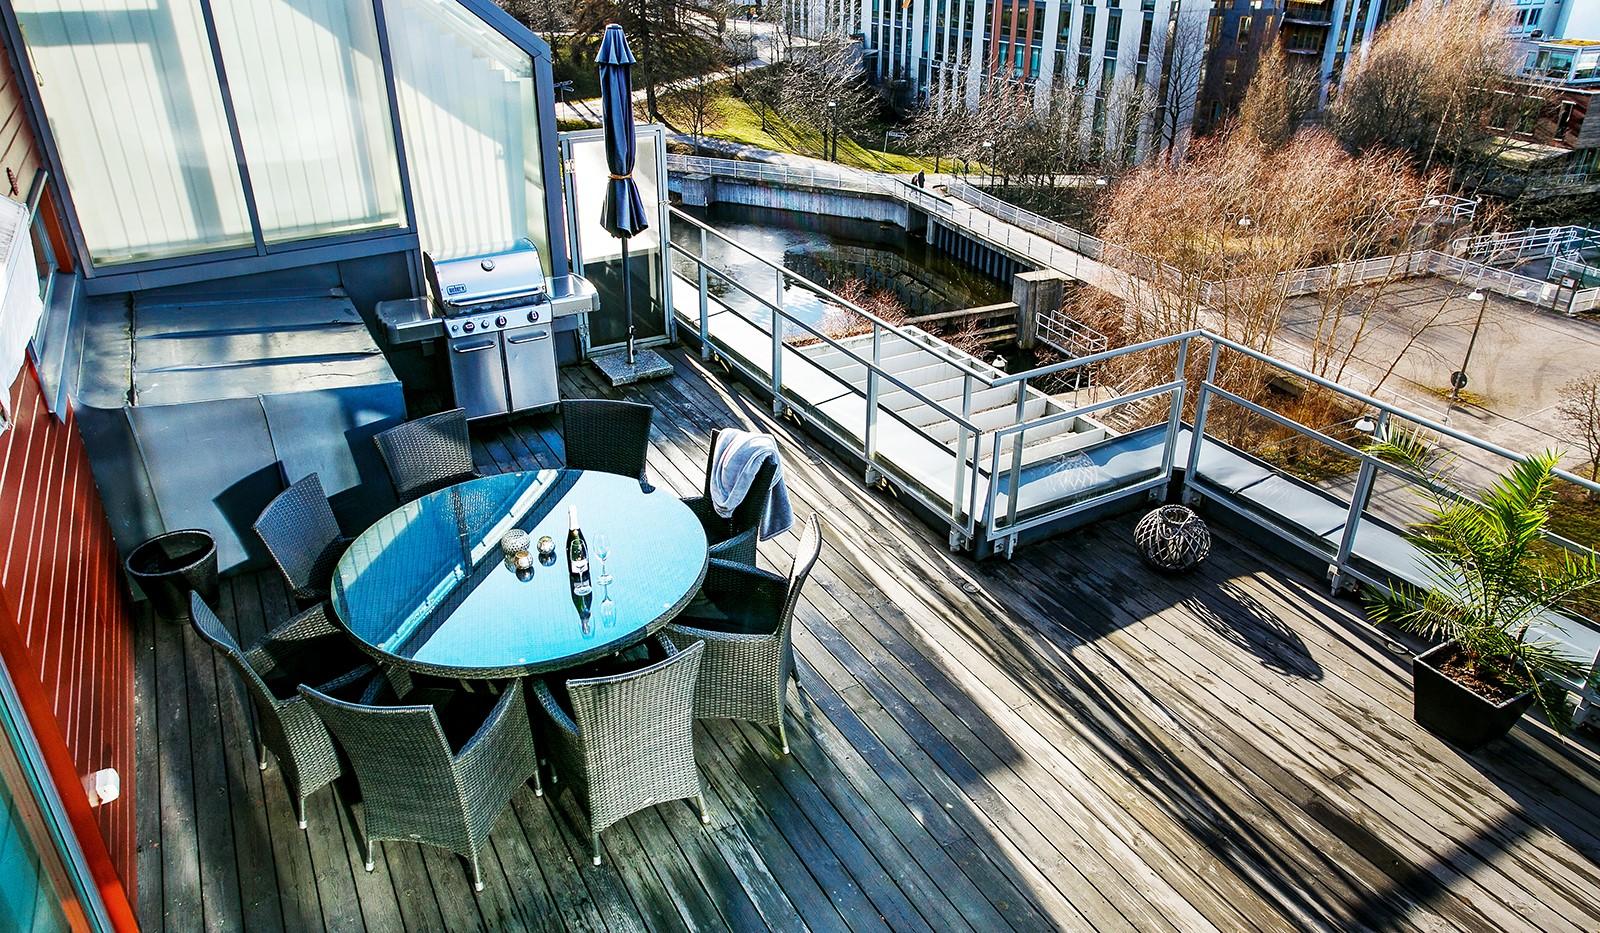 Sickla Kanalgata 64, vån 4 & 5 - På terrassen finns en eldriven markis installerad